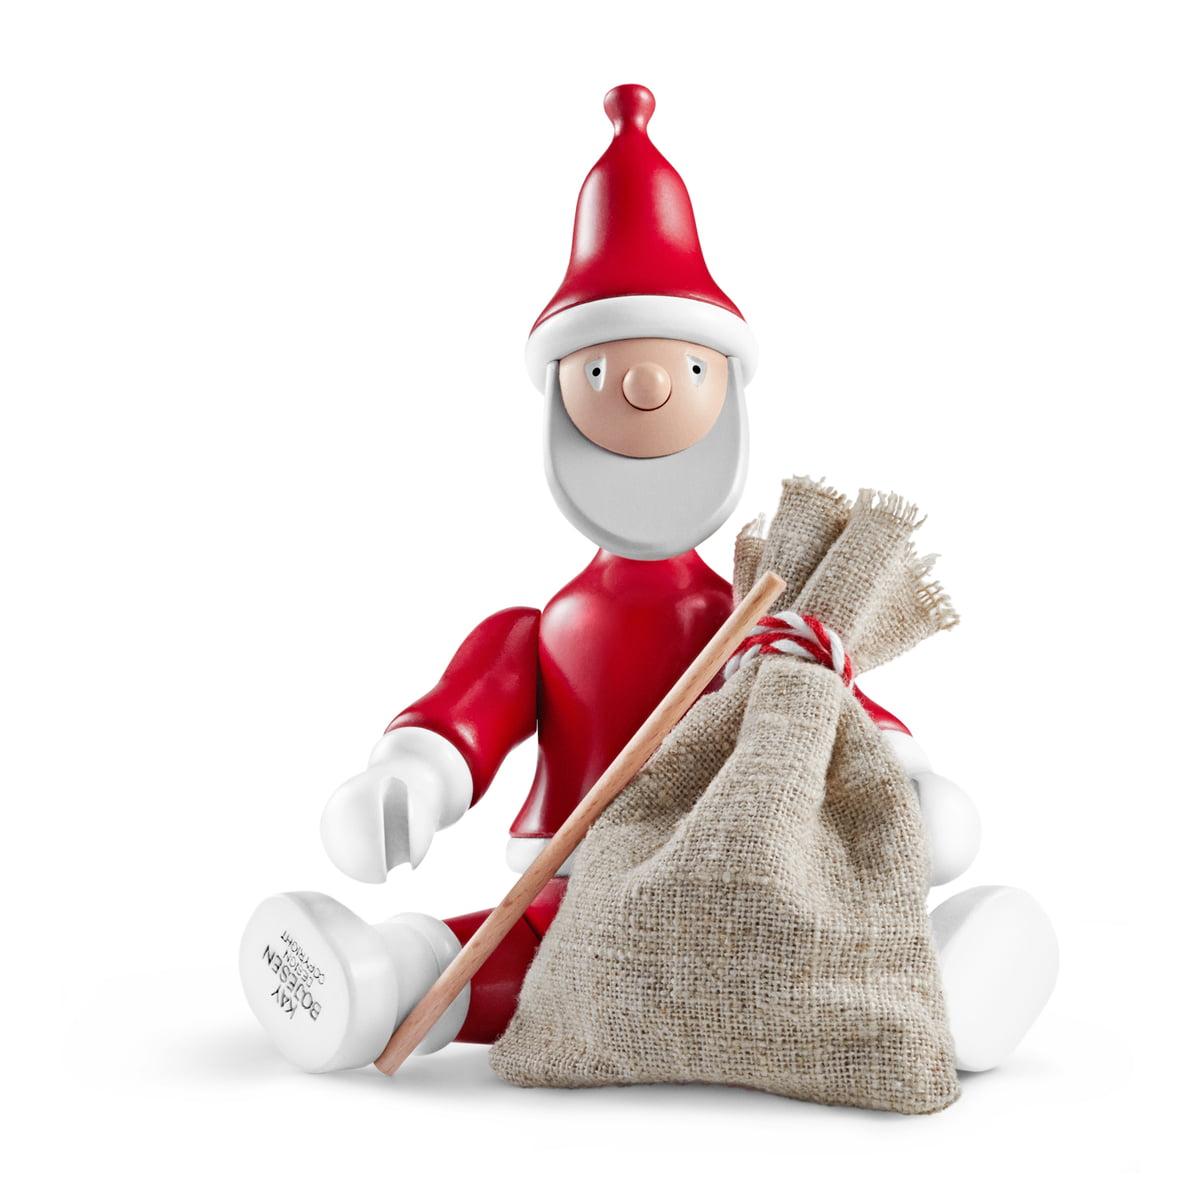 the kay bojesen santa claus